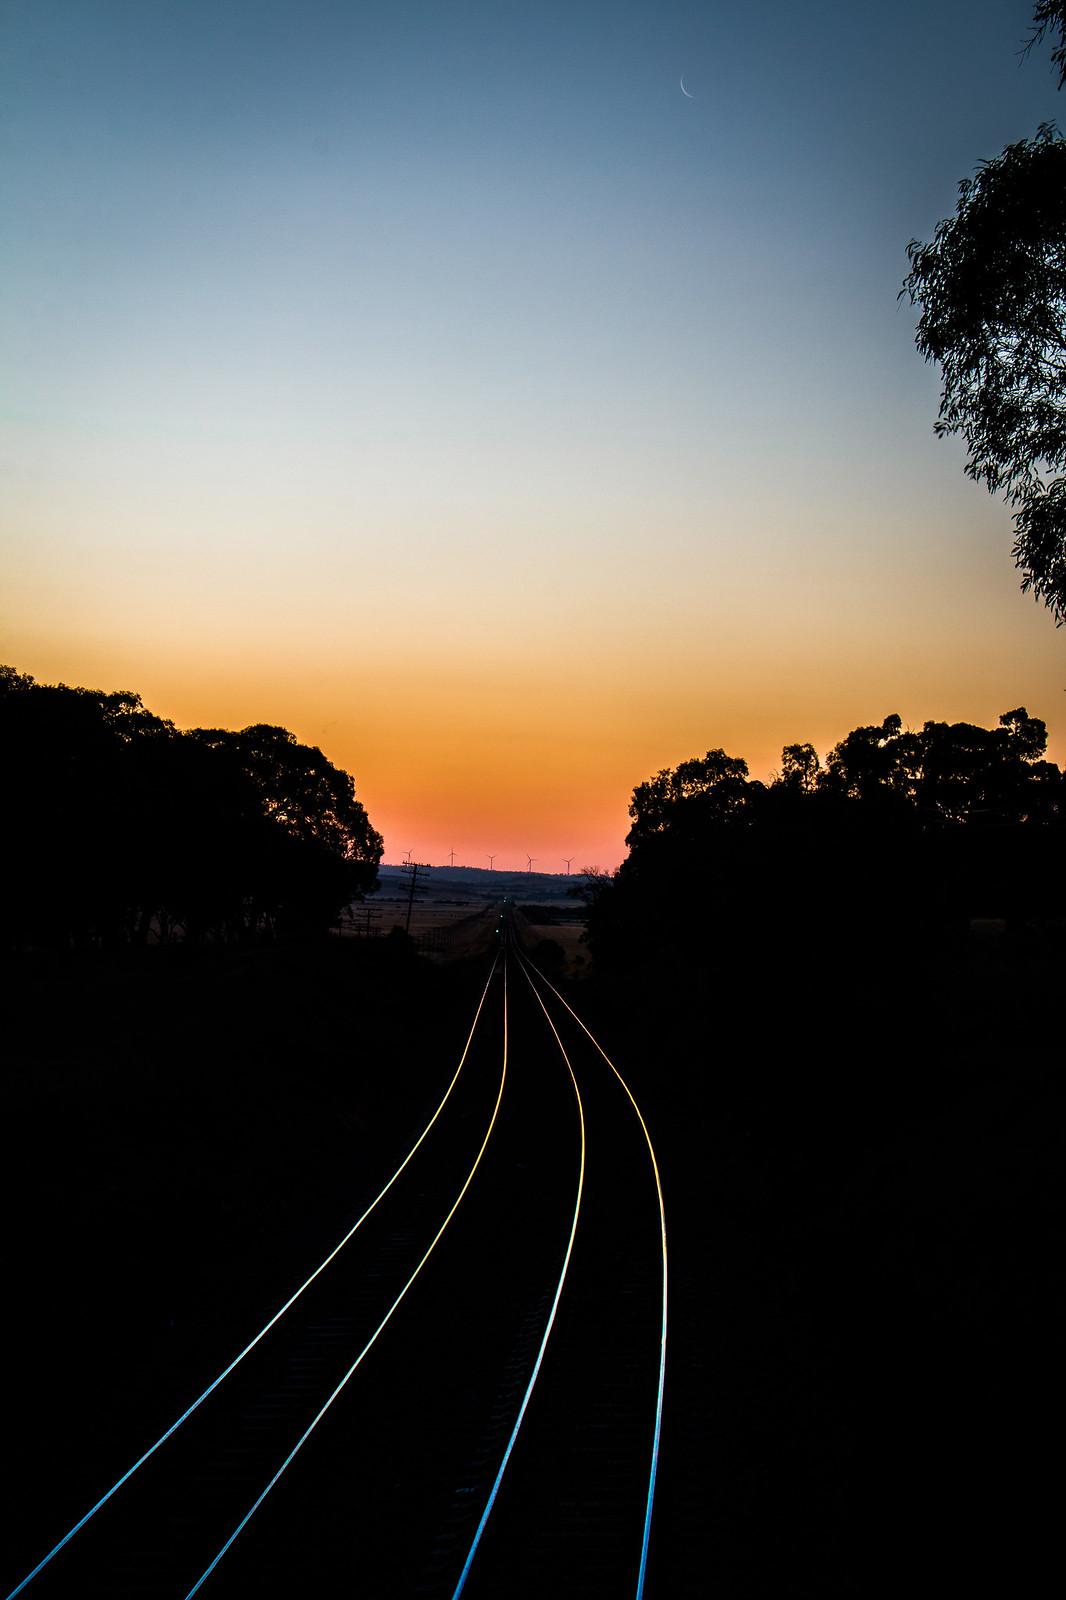 Sunset Reflection by Azza01